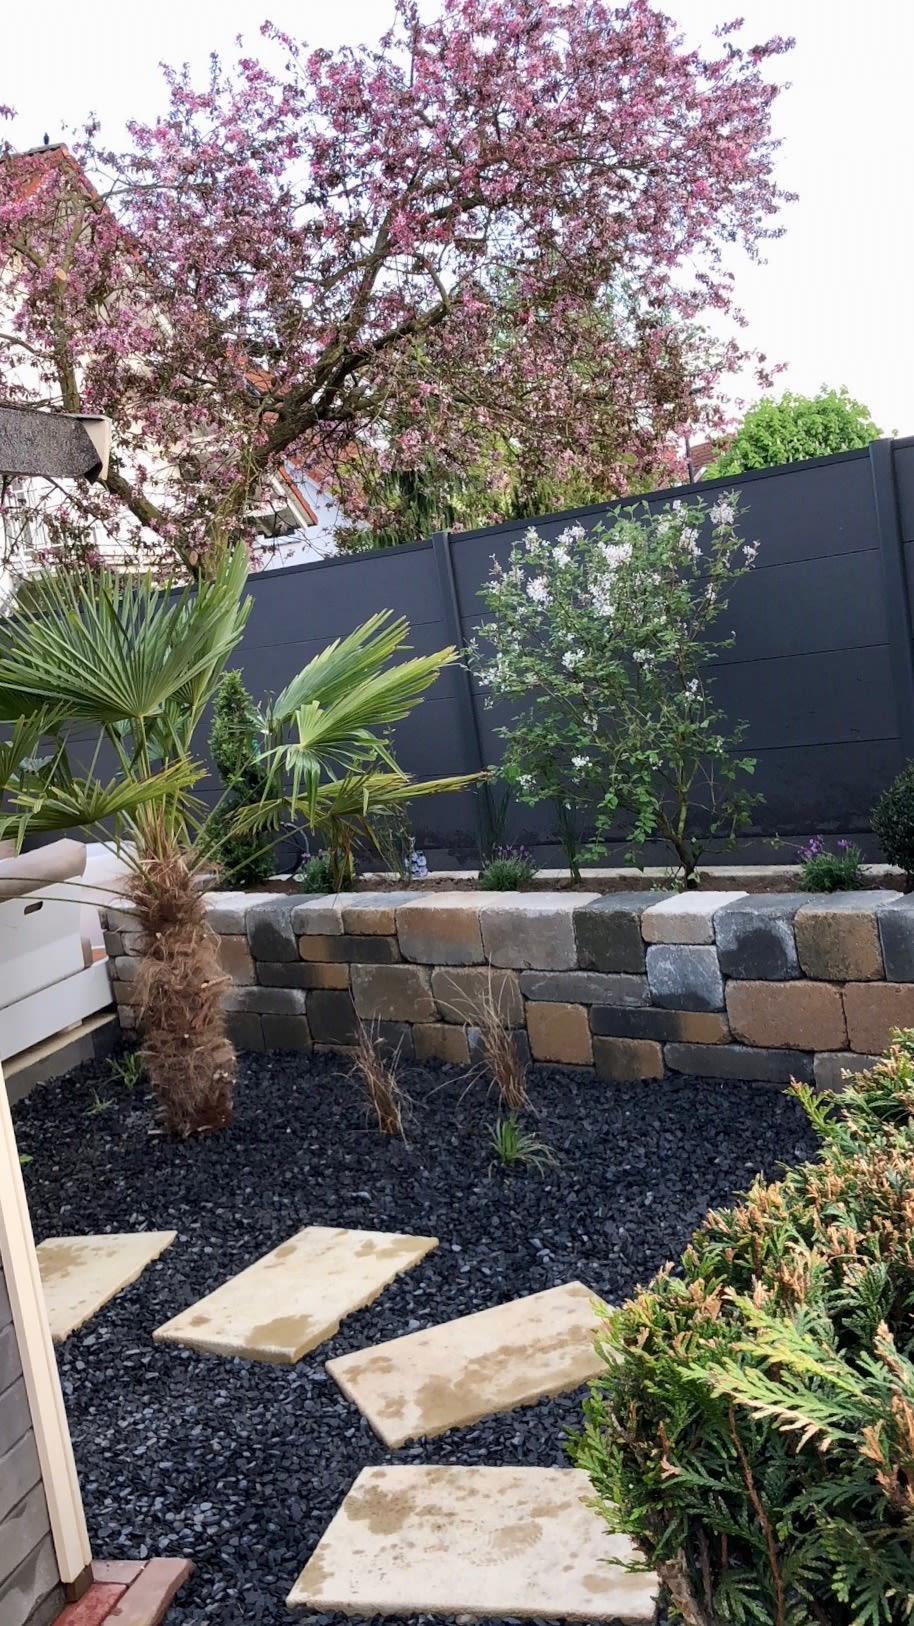 Gartengestaltung mit schwarzem Kies und Bepflanzung